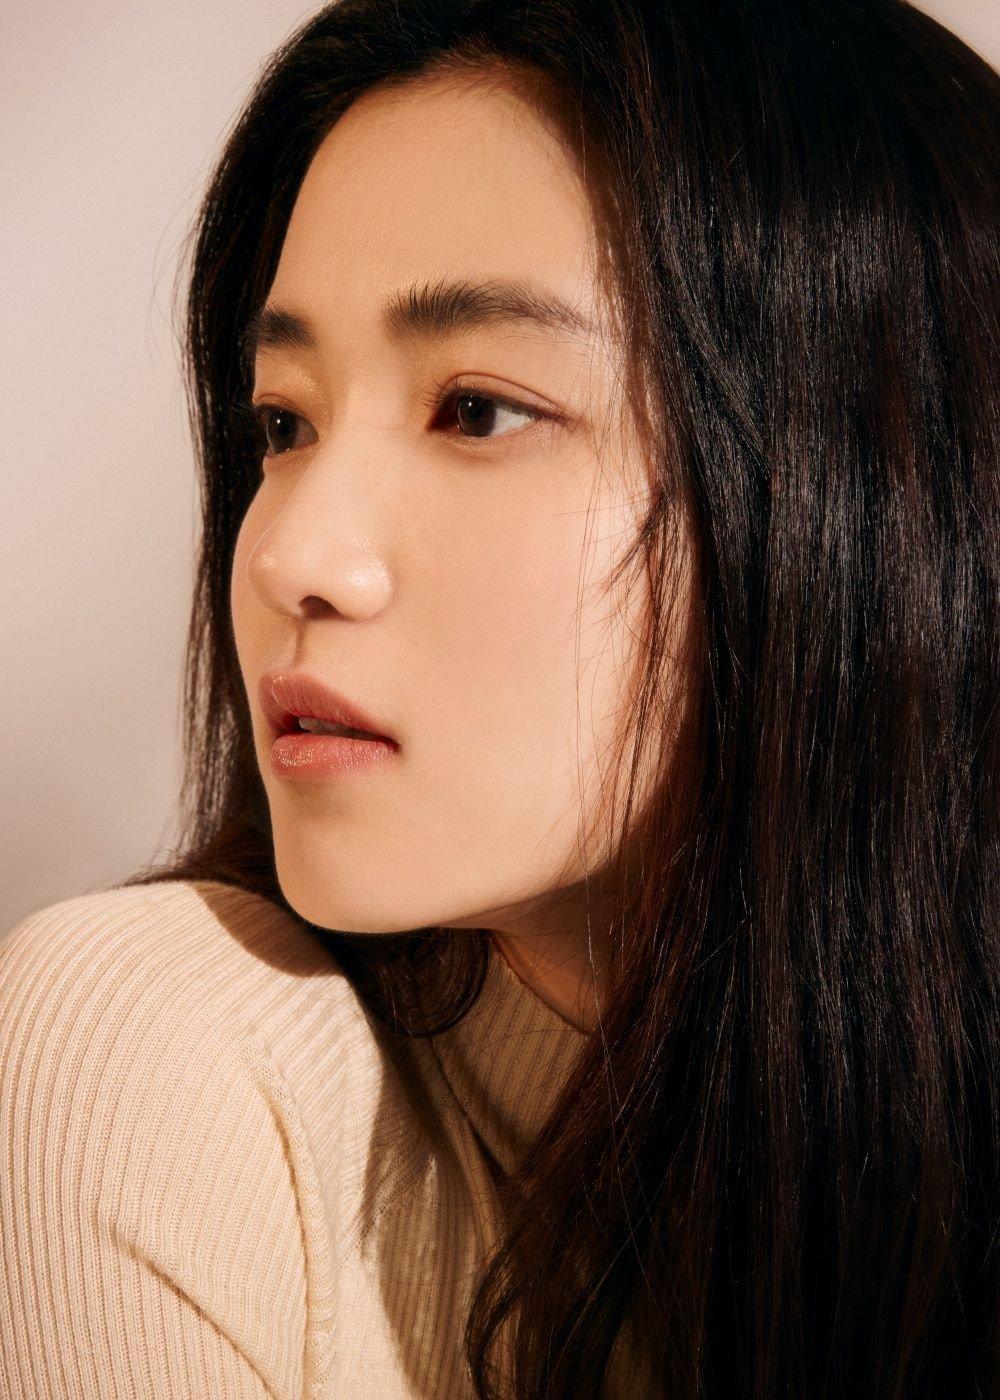 Knet yêu cầu Seo Ye Ji rút lui khỏi làng giải trí, gọi tên loạt sao nữ cùng sinh năm 1990 tài sắc gấp vạn lần - Ảnh 5.